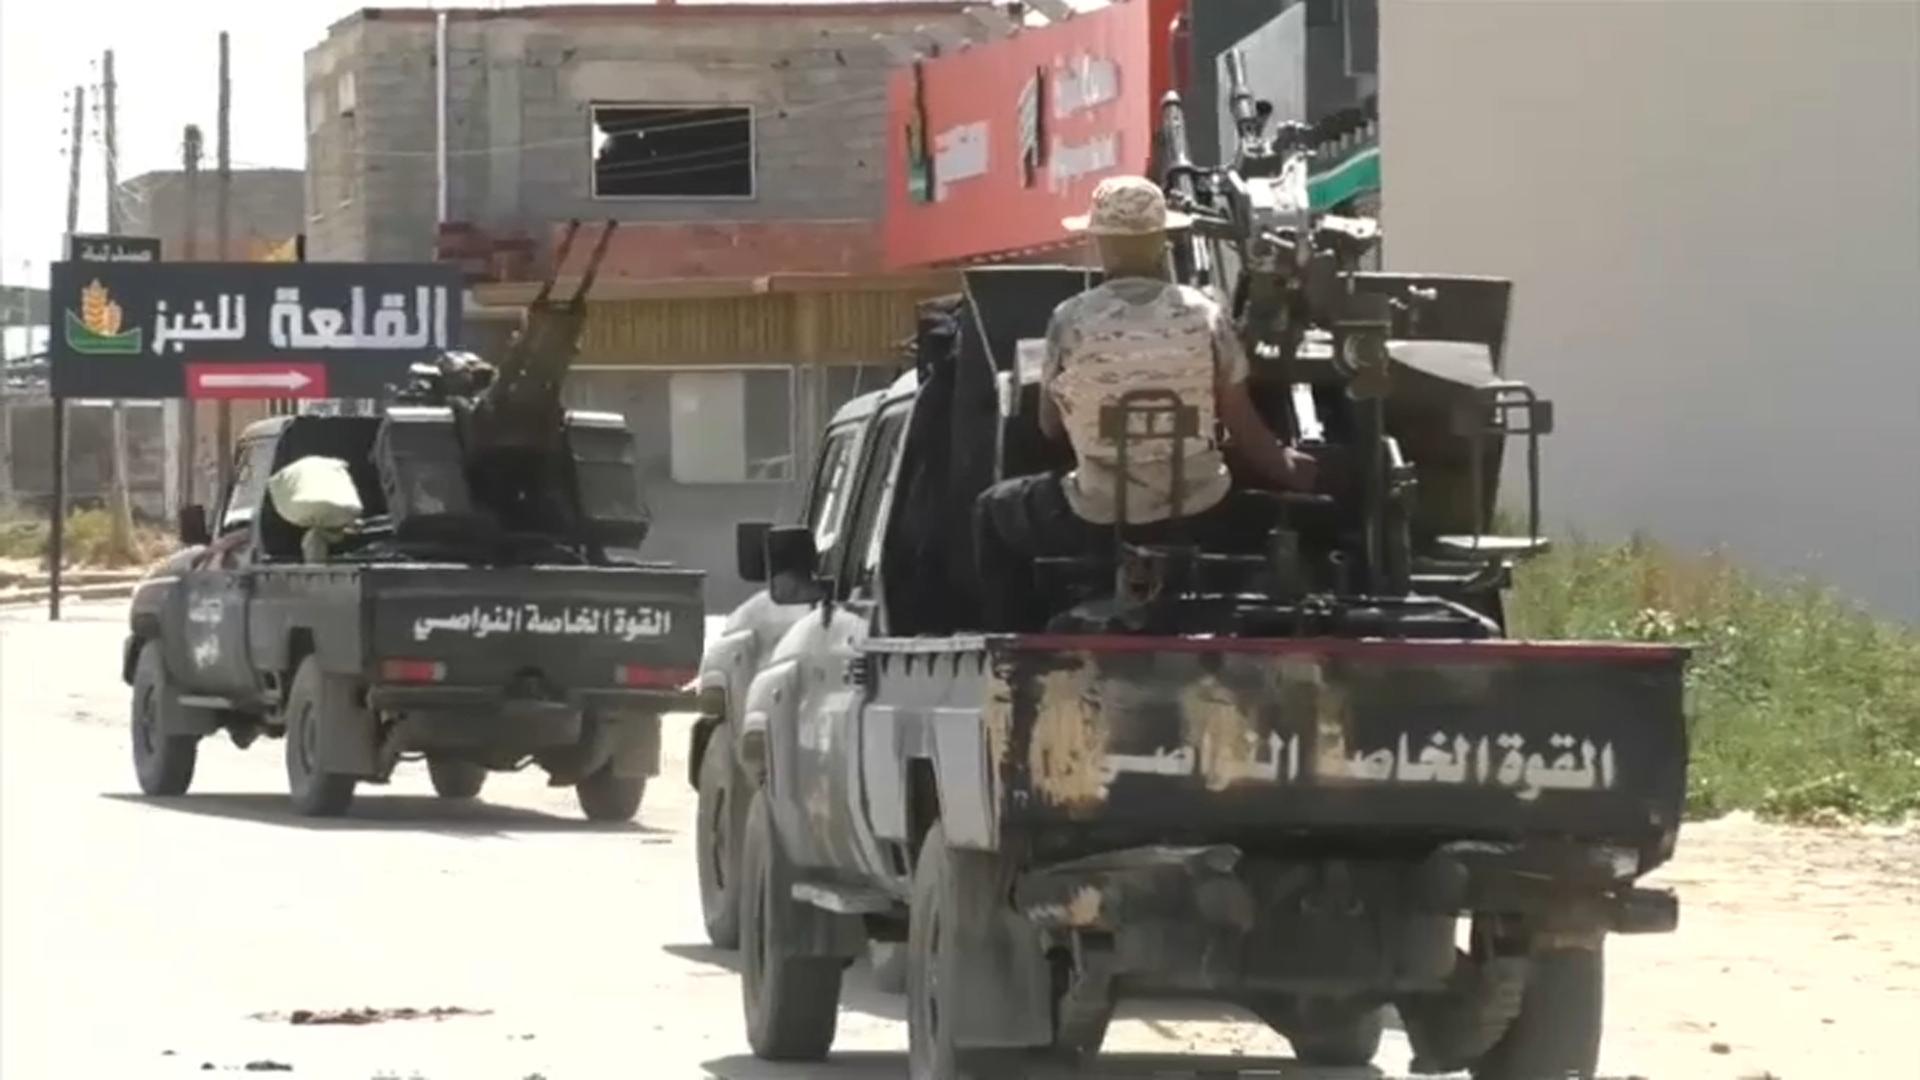 Libia, allarme dell'Onu: Tripoli nel caos, ci sono già 16mila sfollati